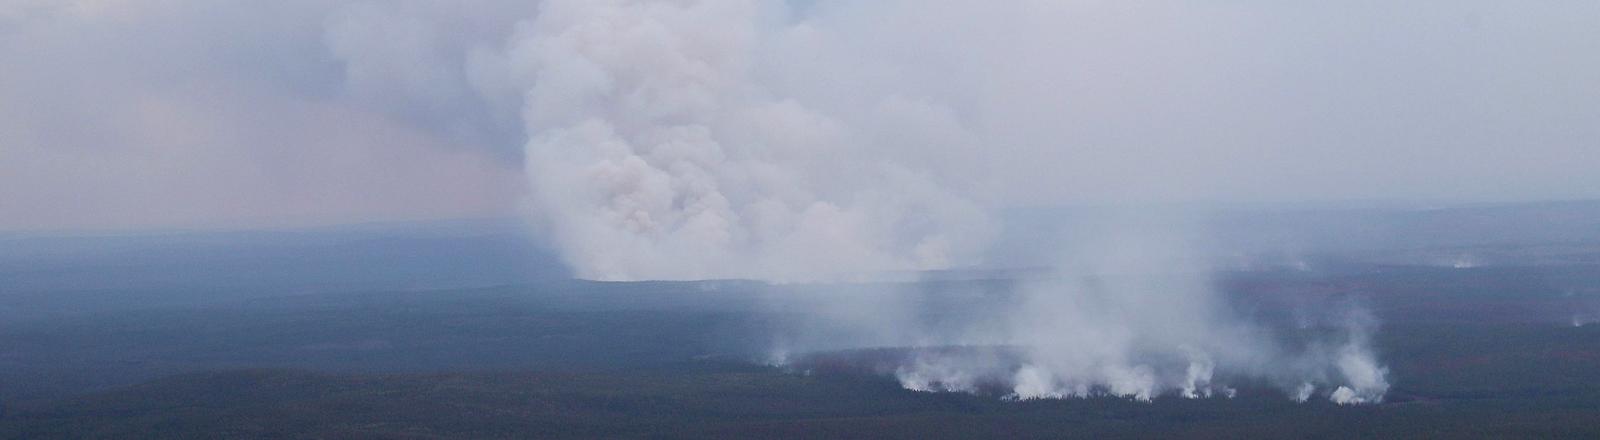 Luftaufnahme über dem Evenkiysky Distrikt im Gebiet Krasnoyarsk